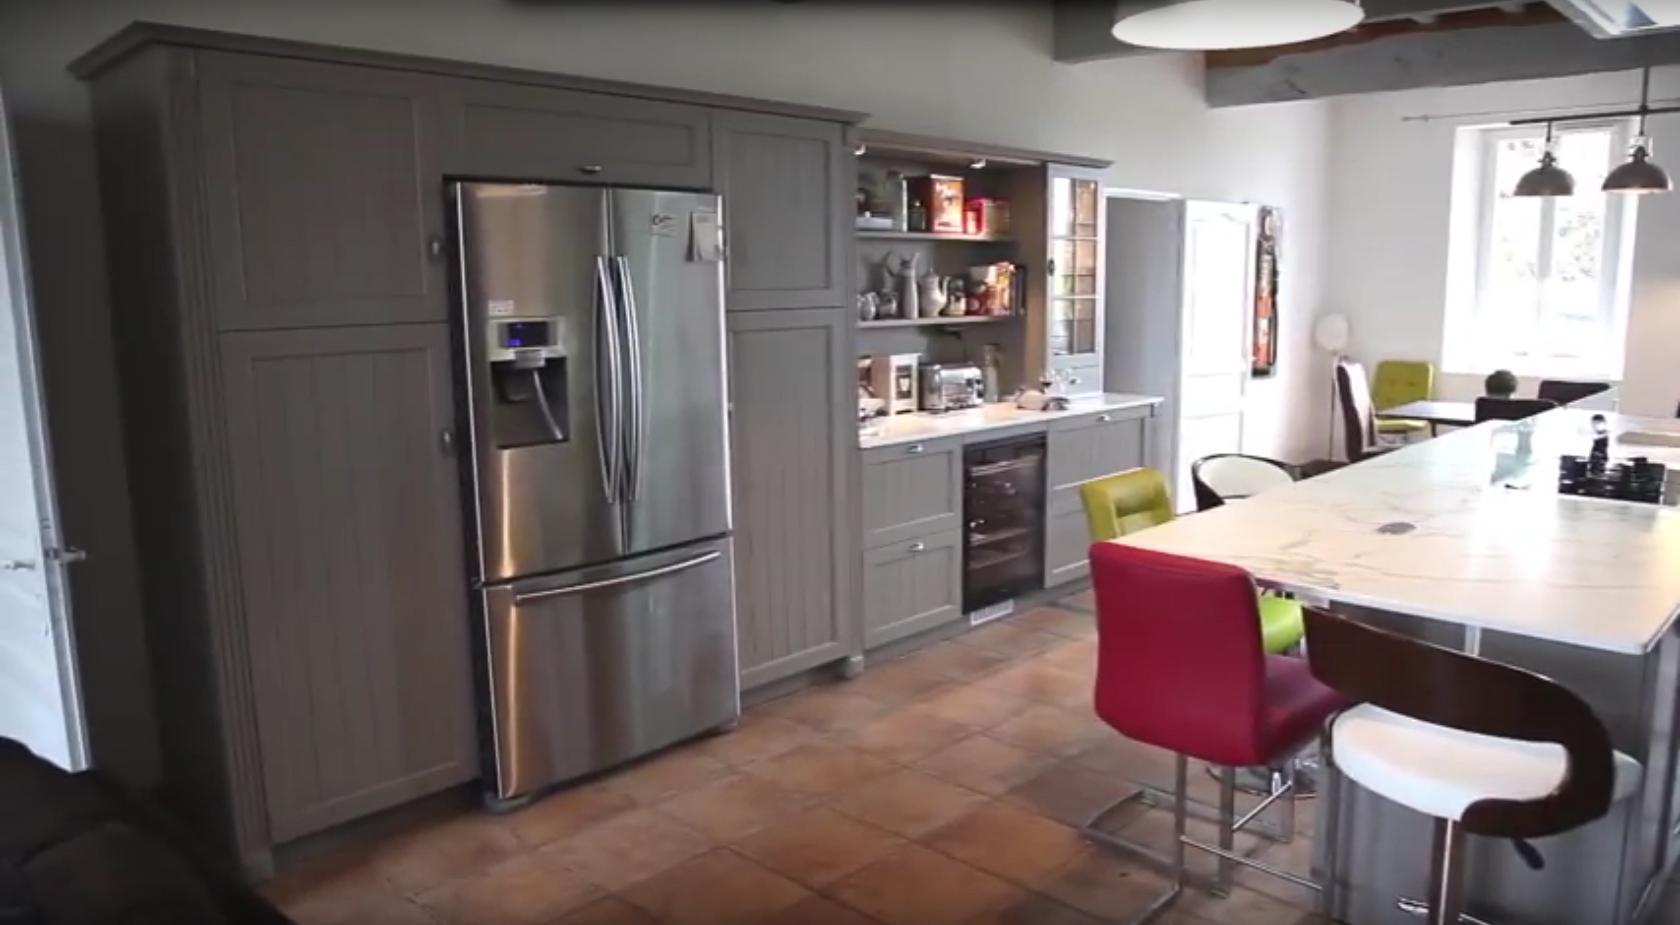 esprit cottage en cuisine cuisines et bains. Black Bedroom Furniture Sets. Home Design Ideas